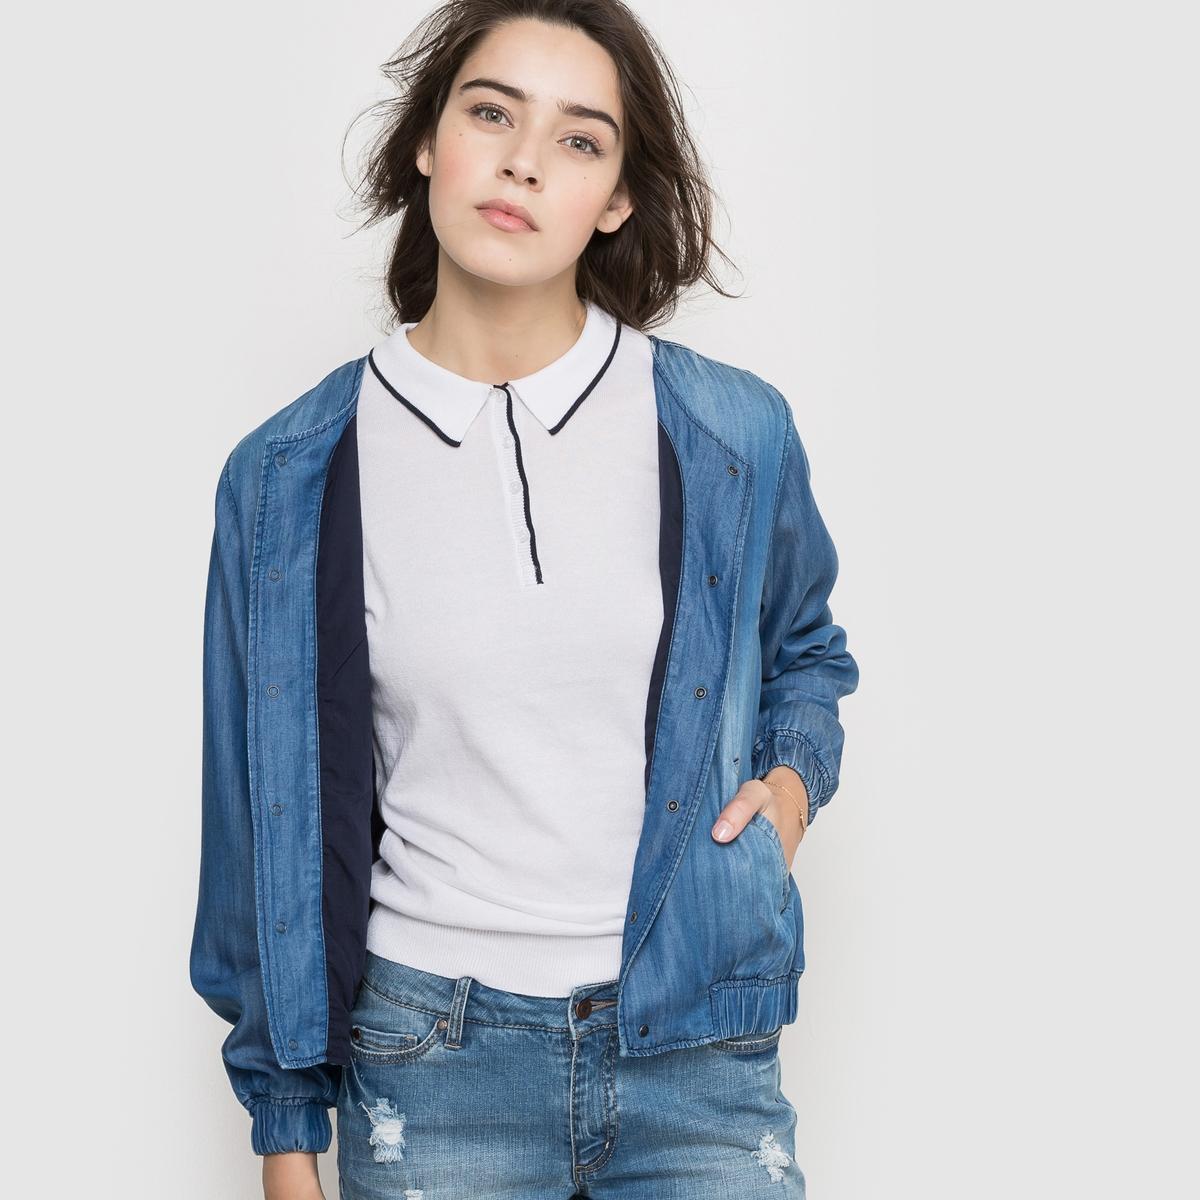 Куртка короткая в стиле бомбер из ткани с имитацией денимаКуртка короткая в стиле бомбер. 100% тенселя (Tencel®). Круглый вырез. Застежка на кнопки. 2 боковых кармана . Длинные рукава. Манжеты и низ из эластичного материала. Длина 57 см.<br><br>Цвет: синий потертый<br>Размер: S.L